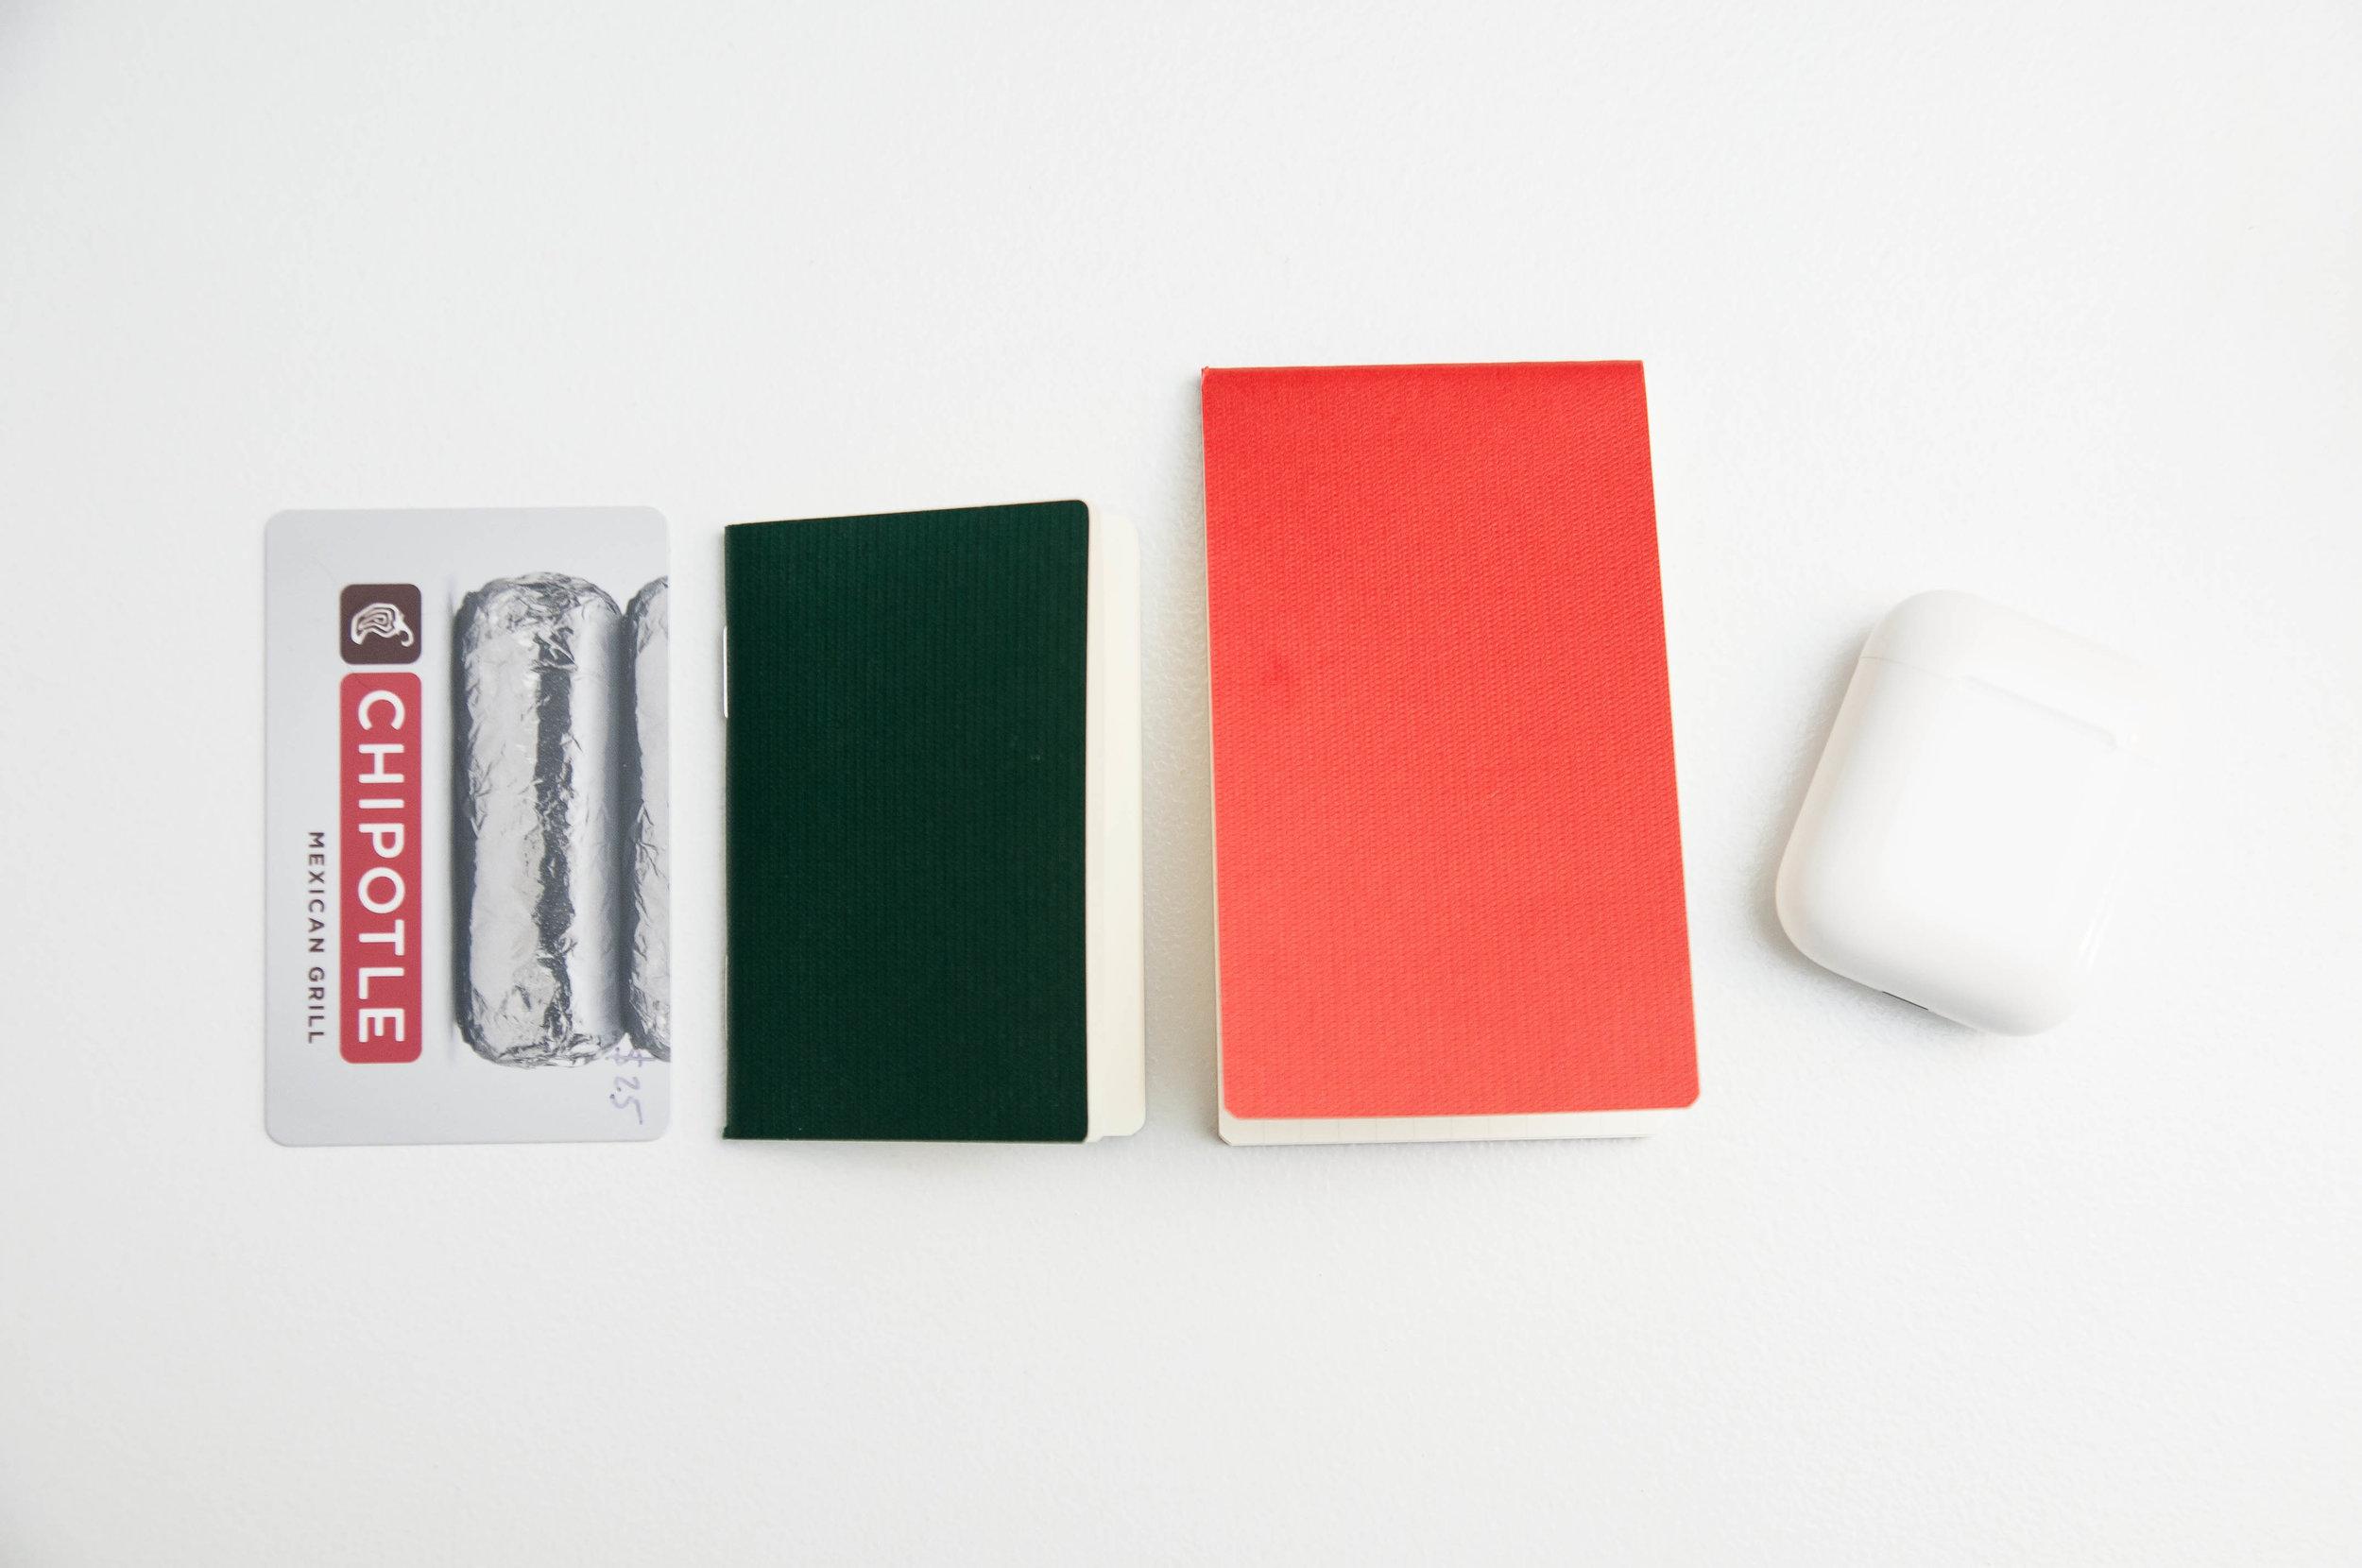 Maruai Basic Notebooks Pocket